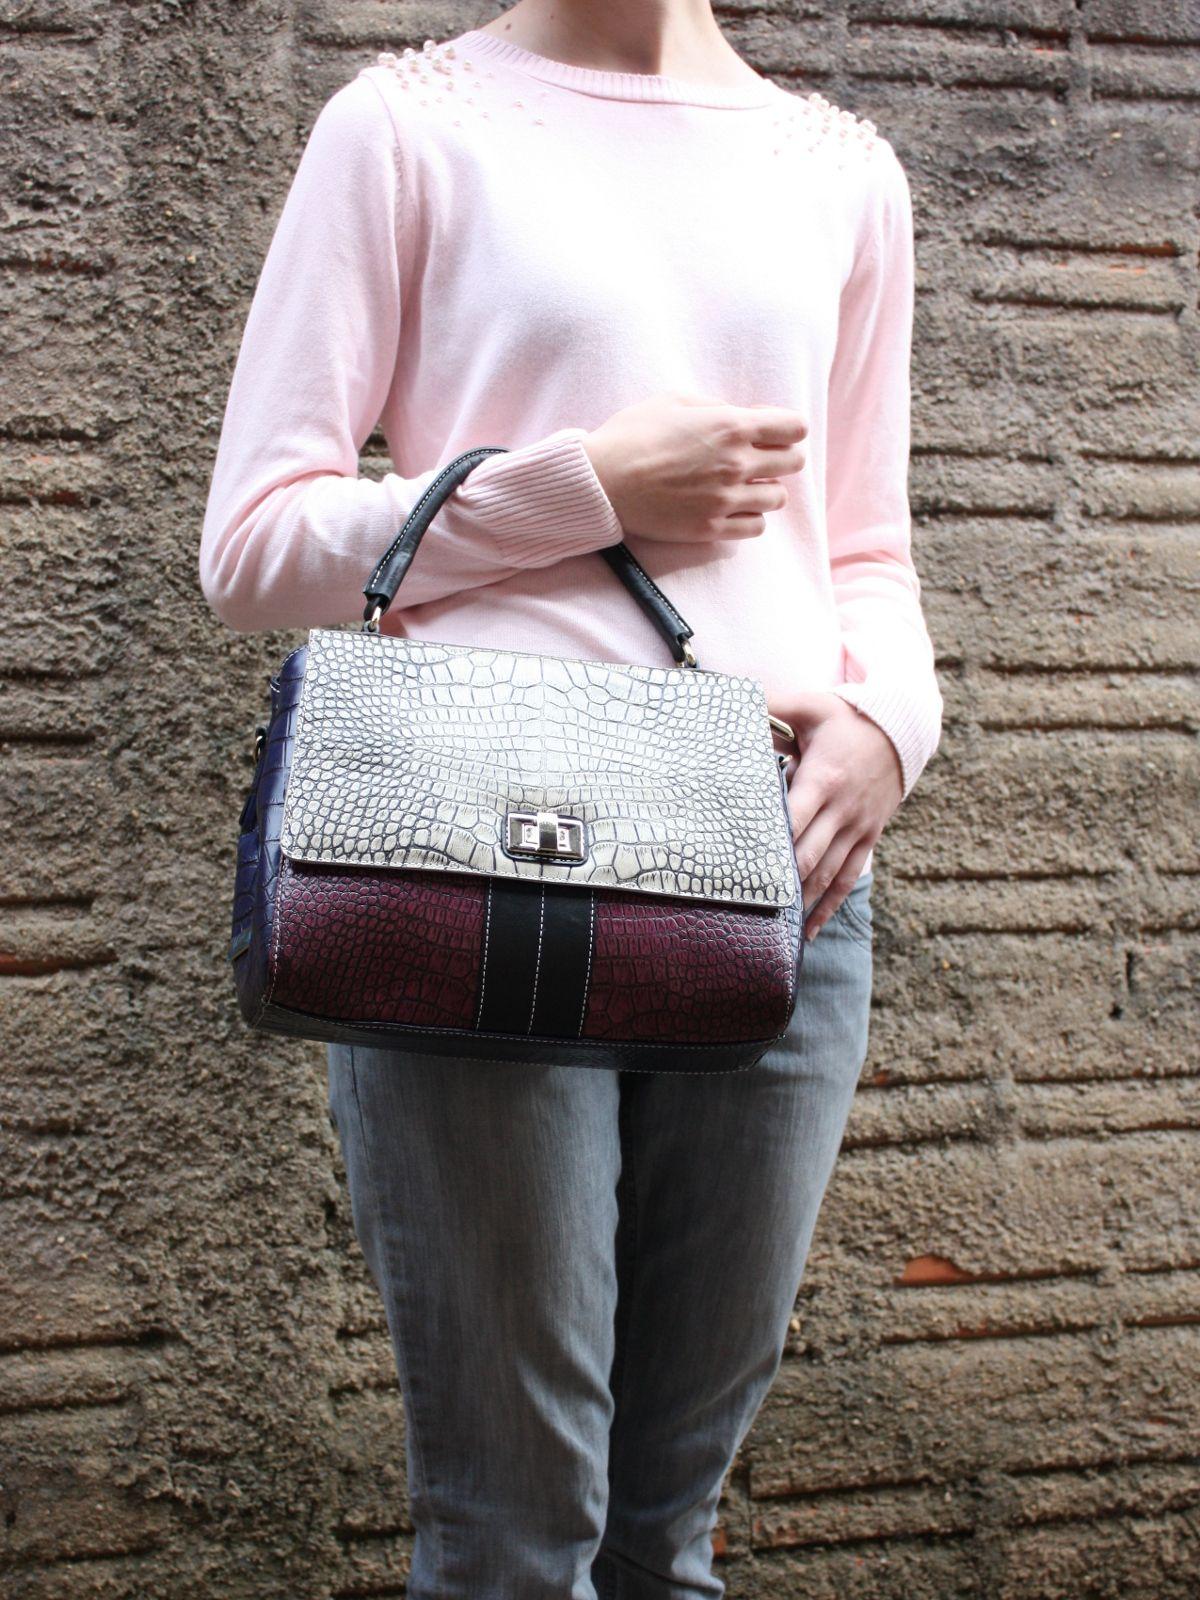 22e07d1833cd3 Bolsa feminina toda em couro, com diferentes cores e texturas. Possui  compartimento interno em